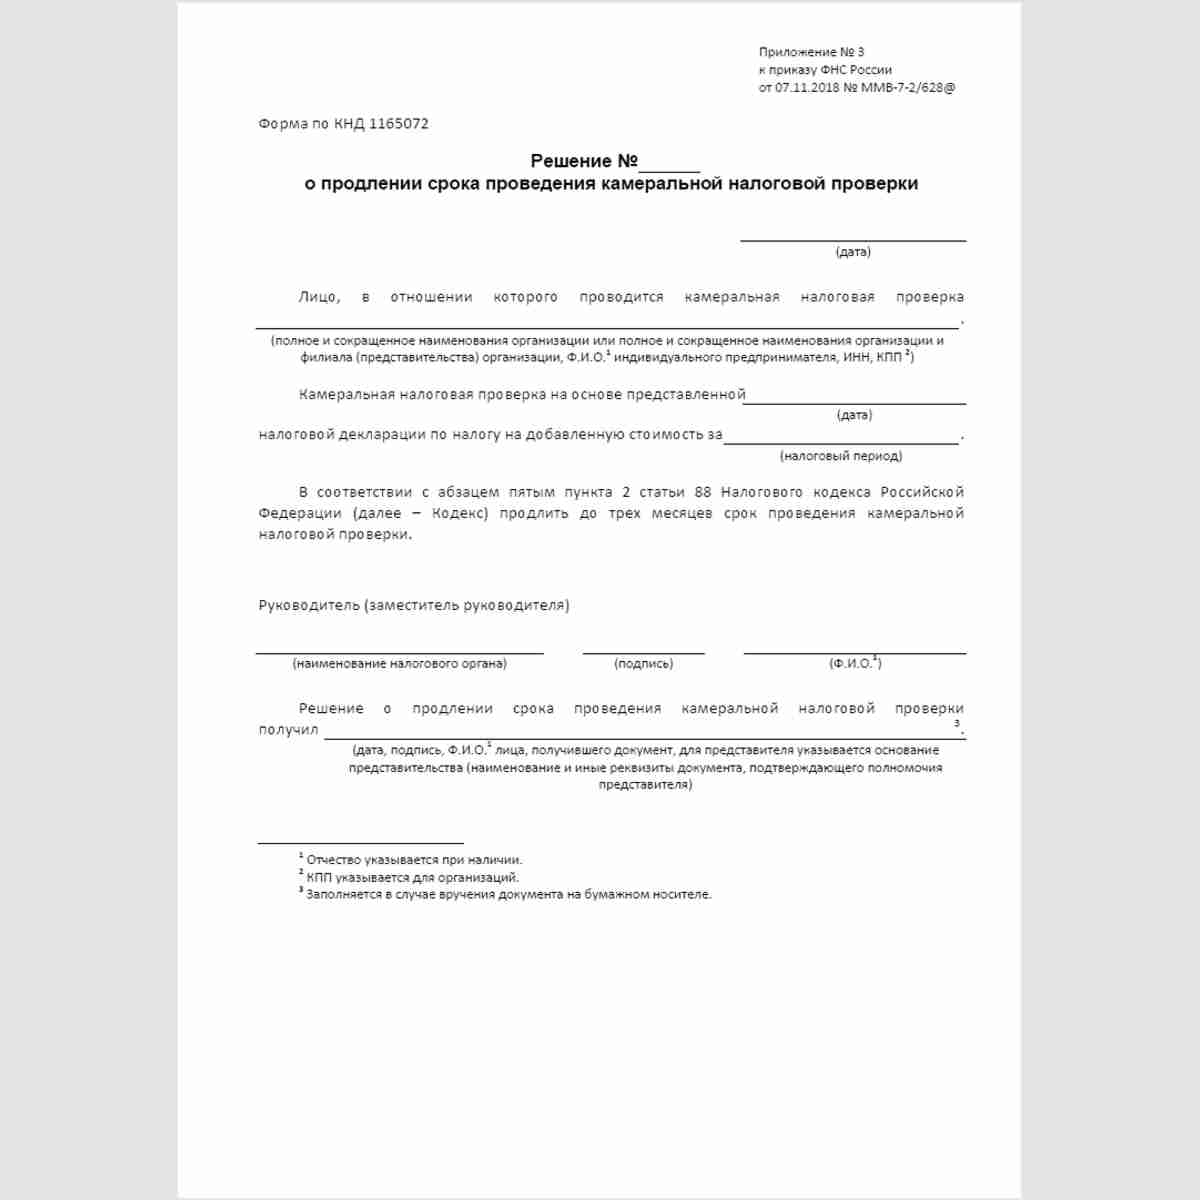 """Форма КНД 1165072 """"Решение о продлении срока проведения камеральной налоговой проверки"""""""